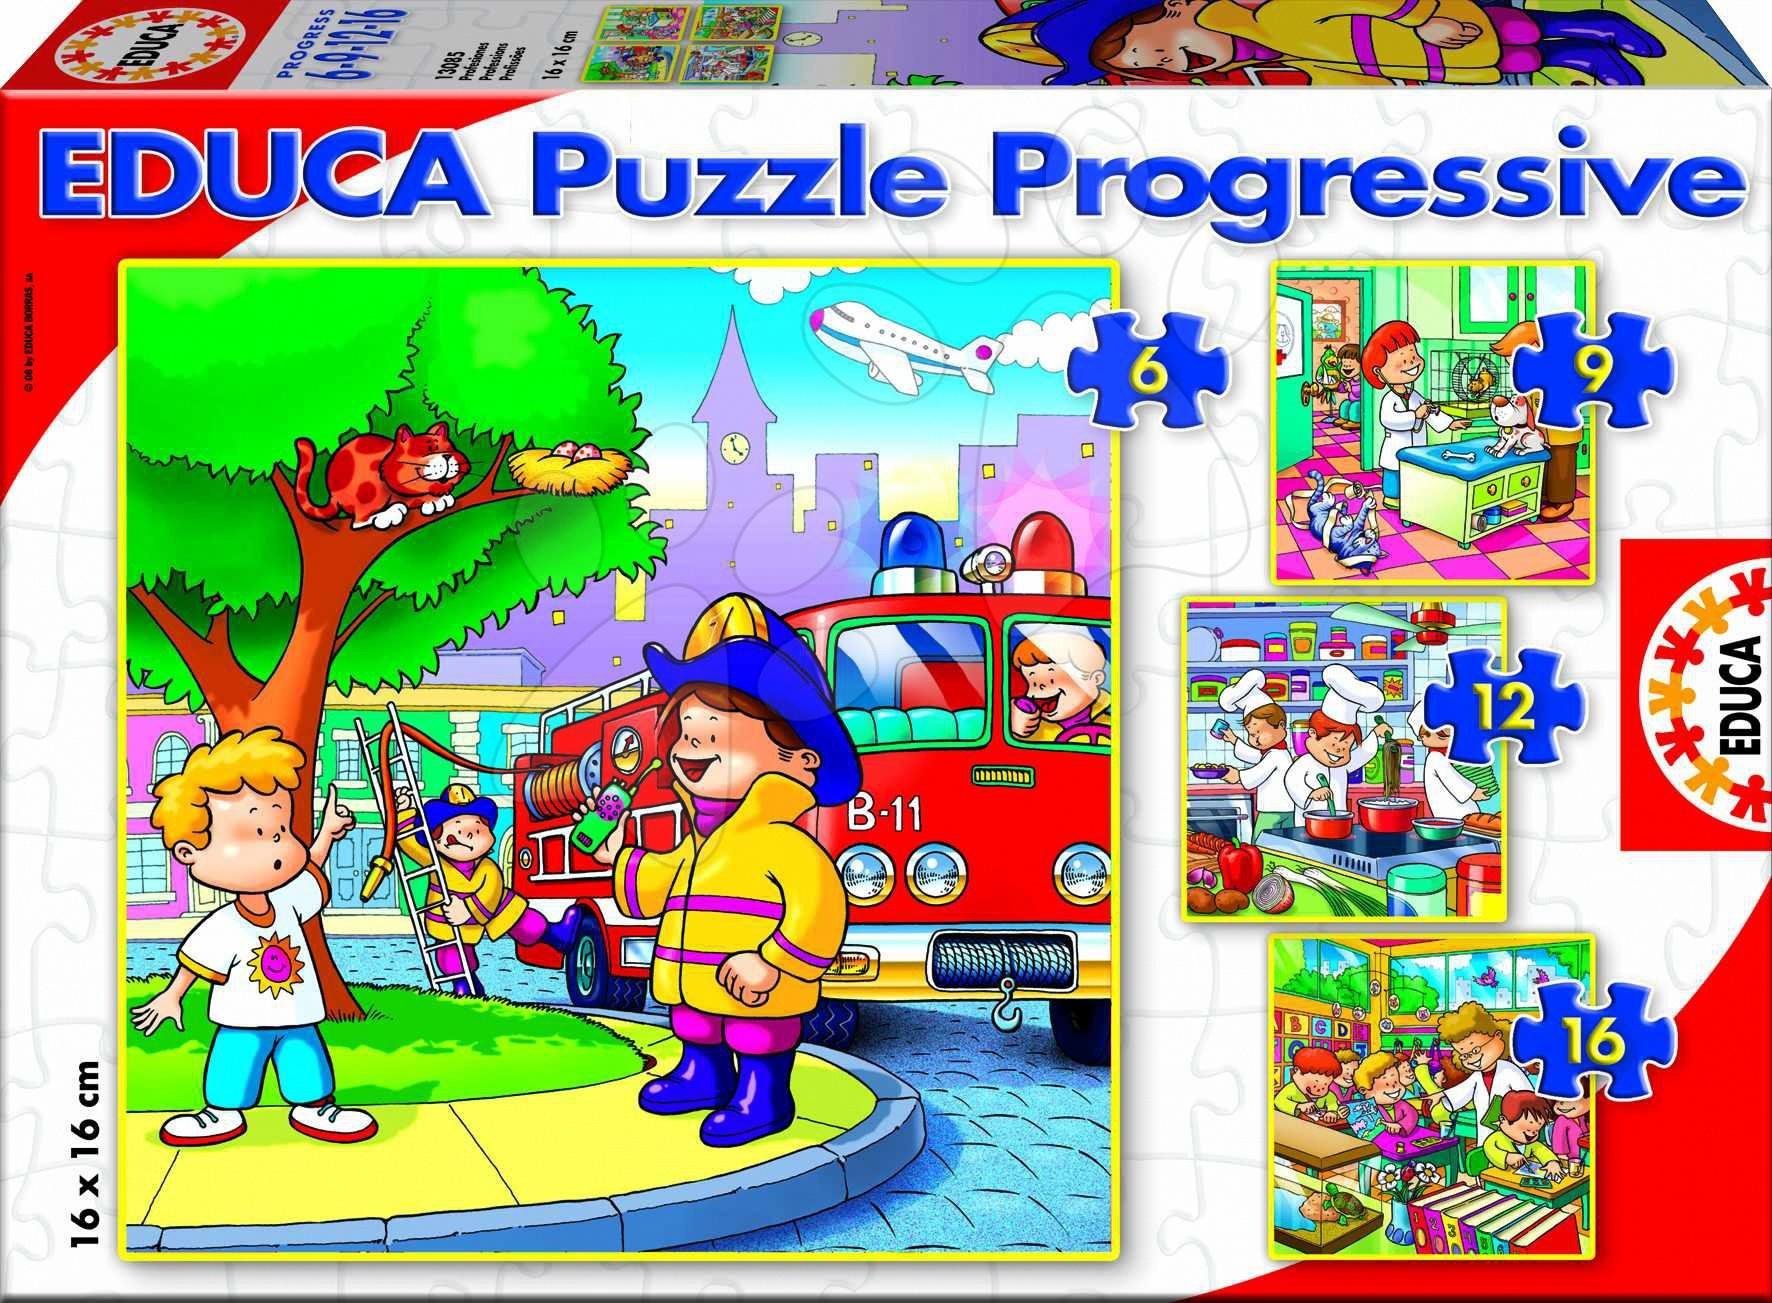 Staré položky - Puzzle Profesie 16, 12, 9, 6 dielikov Educa 16, 12, 9, 6 dielov, progresívne